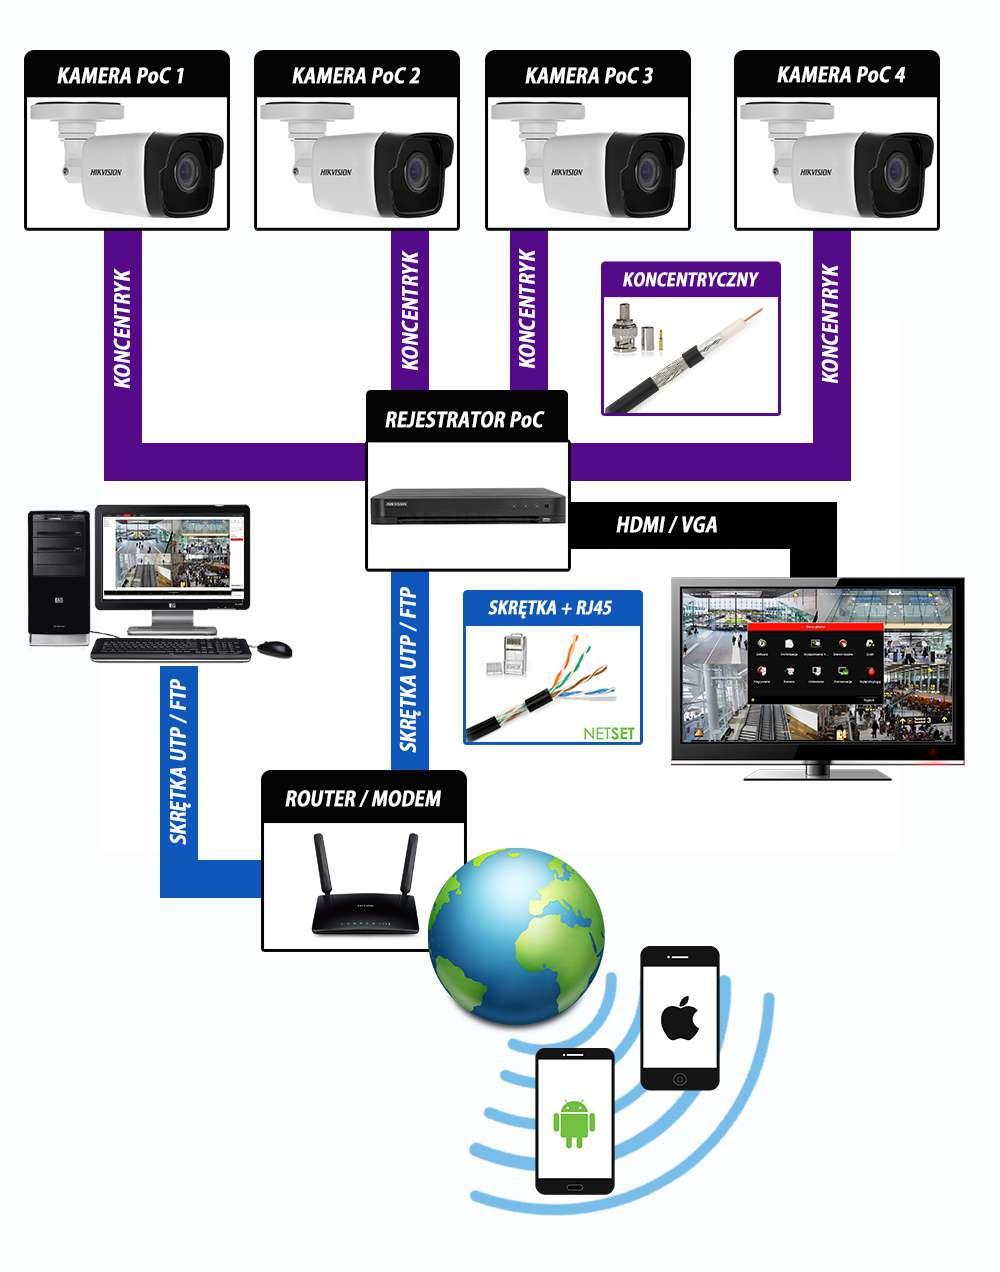 zasilanie po przewodzie koncentrycznym kablu poc dla kamer tvi hikvision do 200m